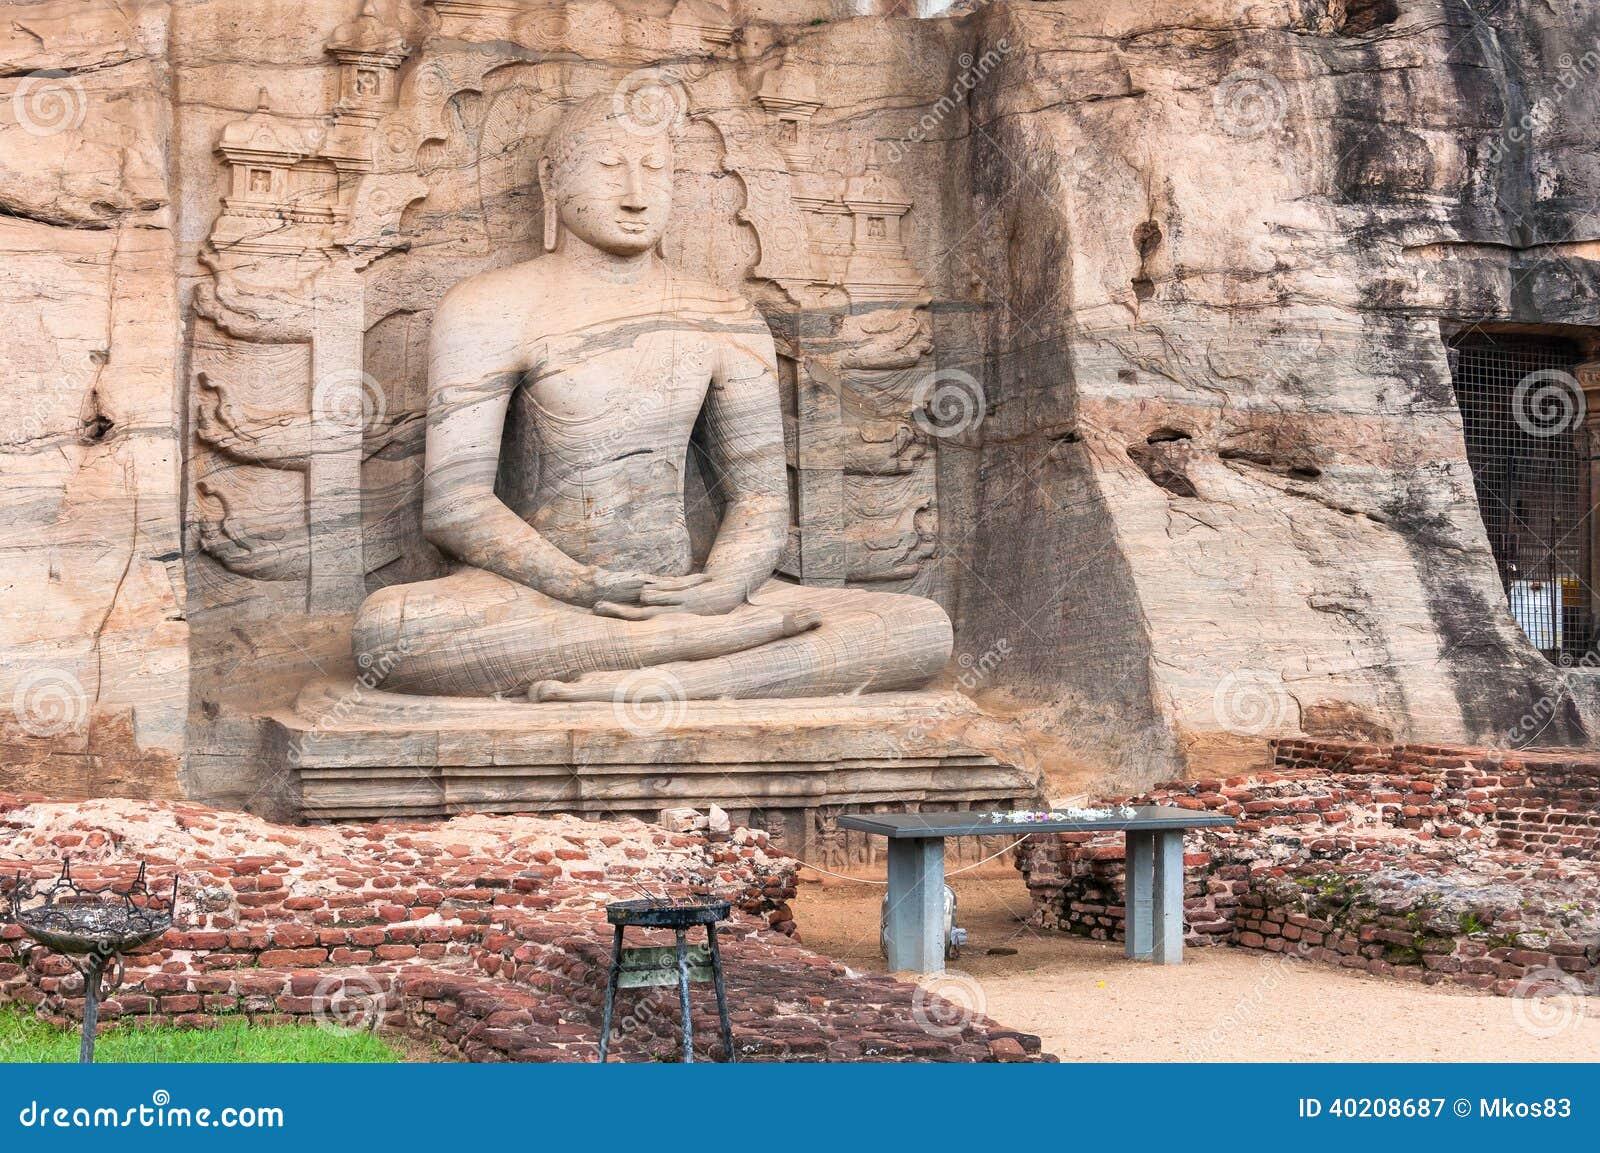 Samadhi buddha statue in pollonaruwa sri lanka stock